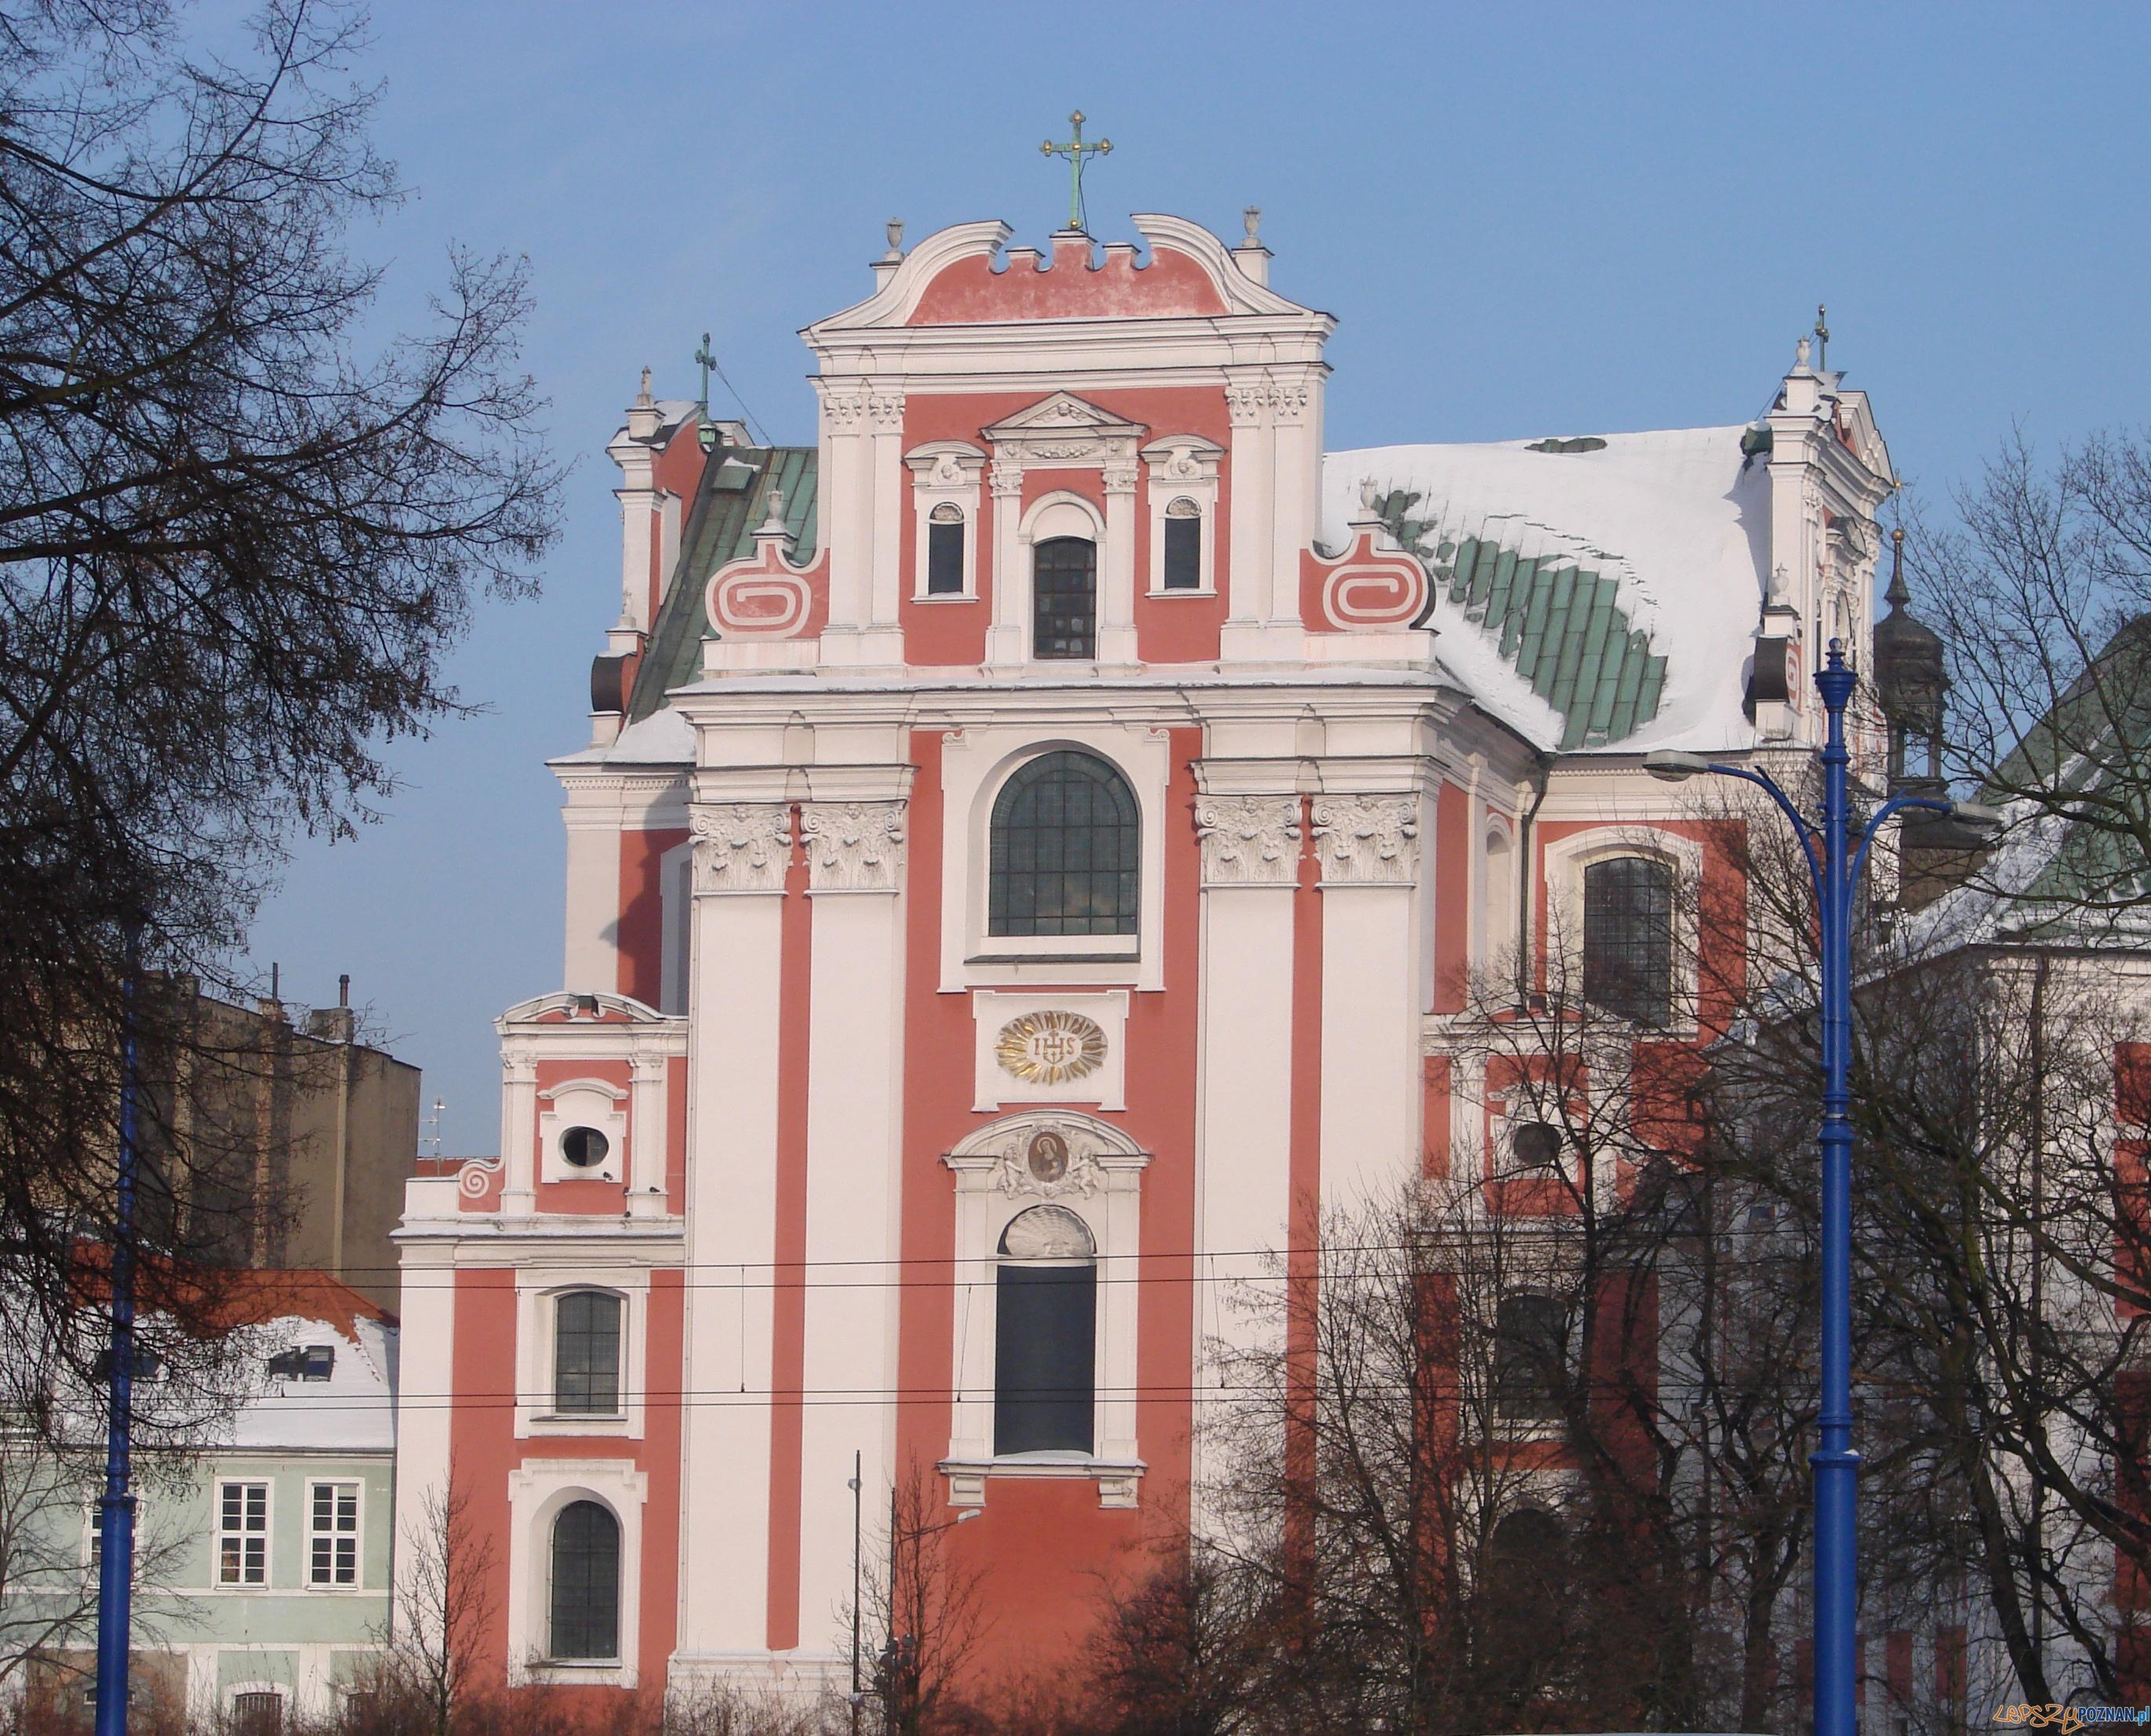 Fara w Poznaniu - widok od ul. Zielonej  Foto: lepszyPOZNAN.pl / ag